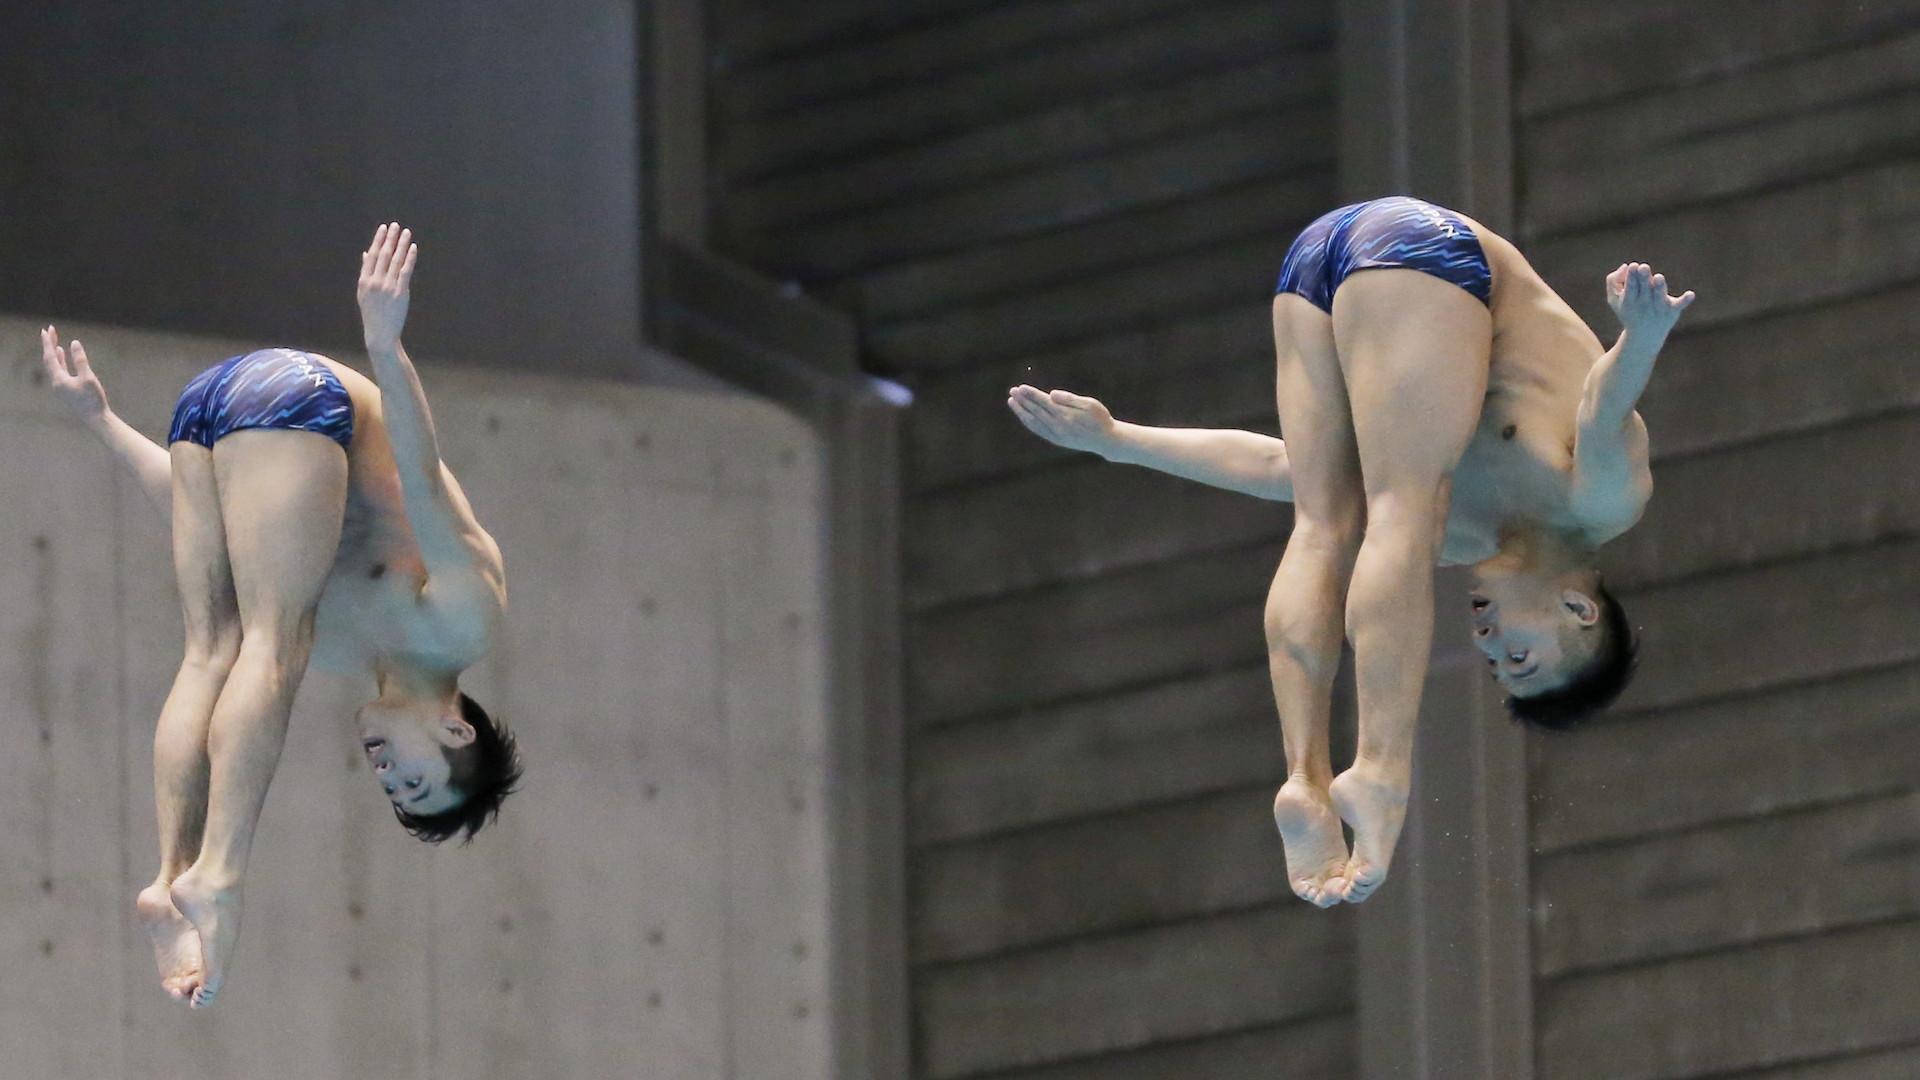 飛び込み - 東京五輪2020 - 競技詳細 - gooニュース